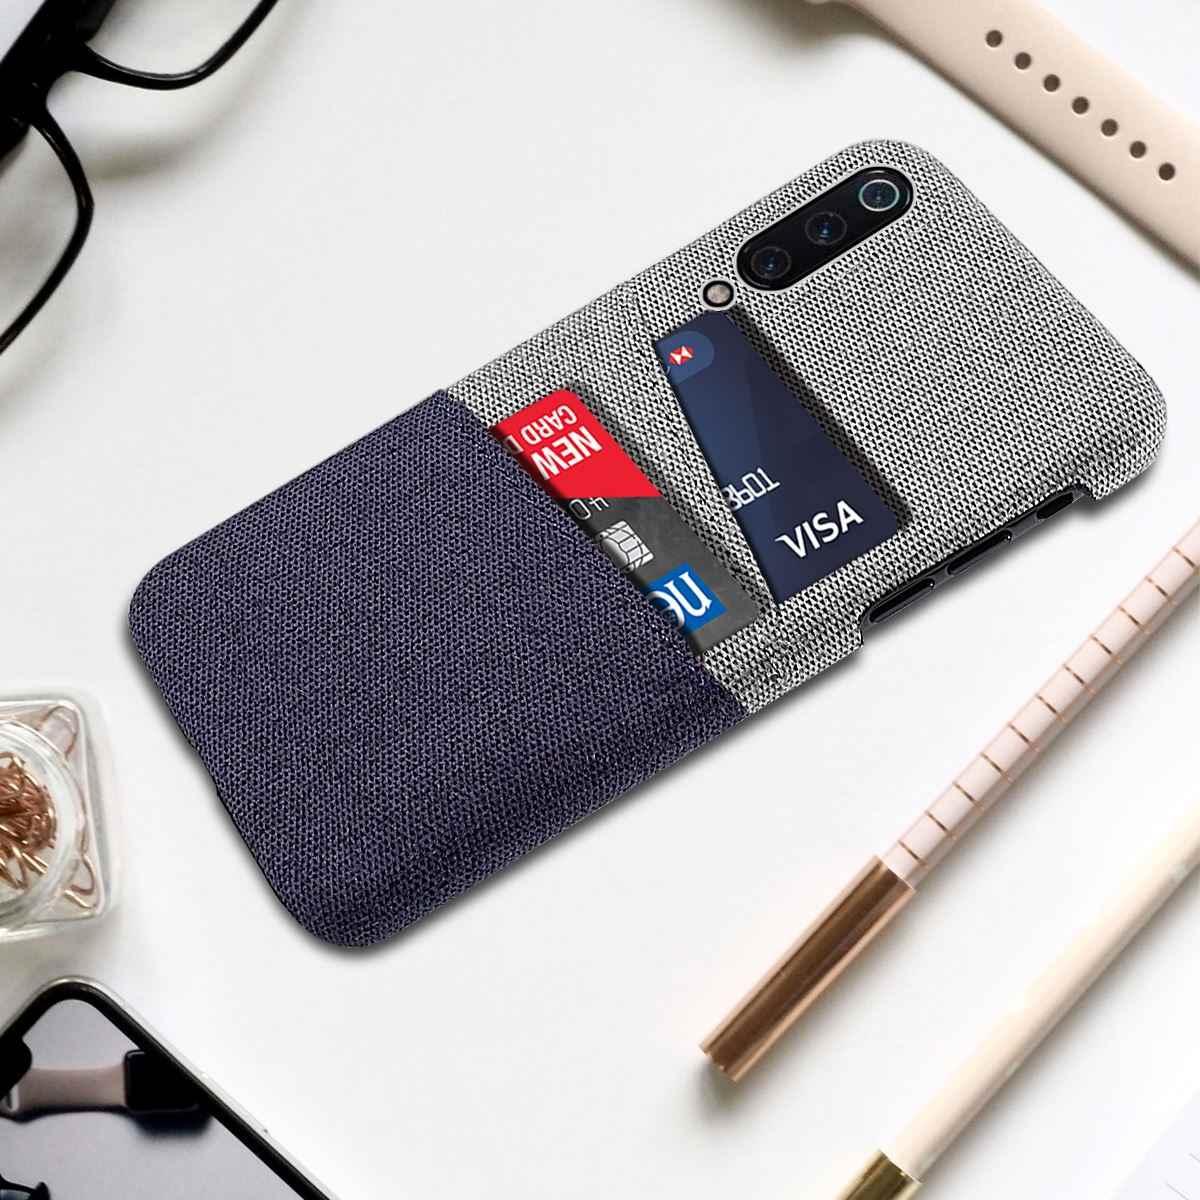 Für Xiao mi mi 9 Telefon Fall Stoff Tuch Gewebt Karten Halter Dünne Anti-Scratch PC Abdeckung Für xiao mi mi 9 mi 9 SE Rot mi 7 GEHEN